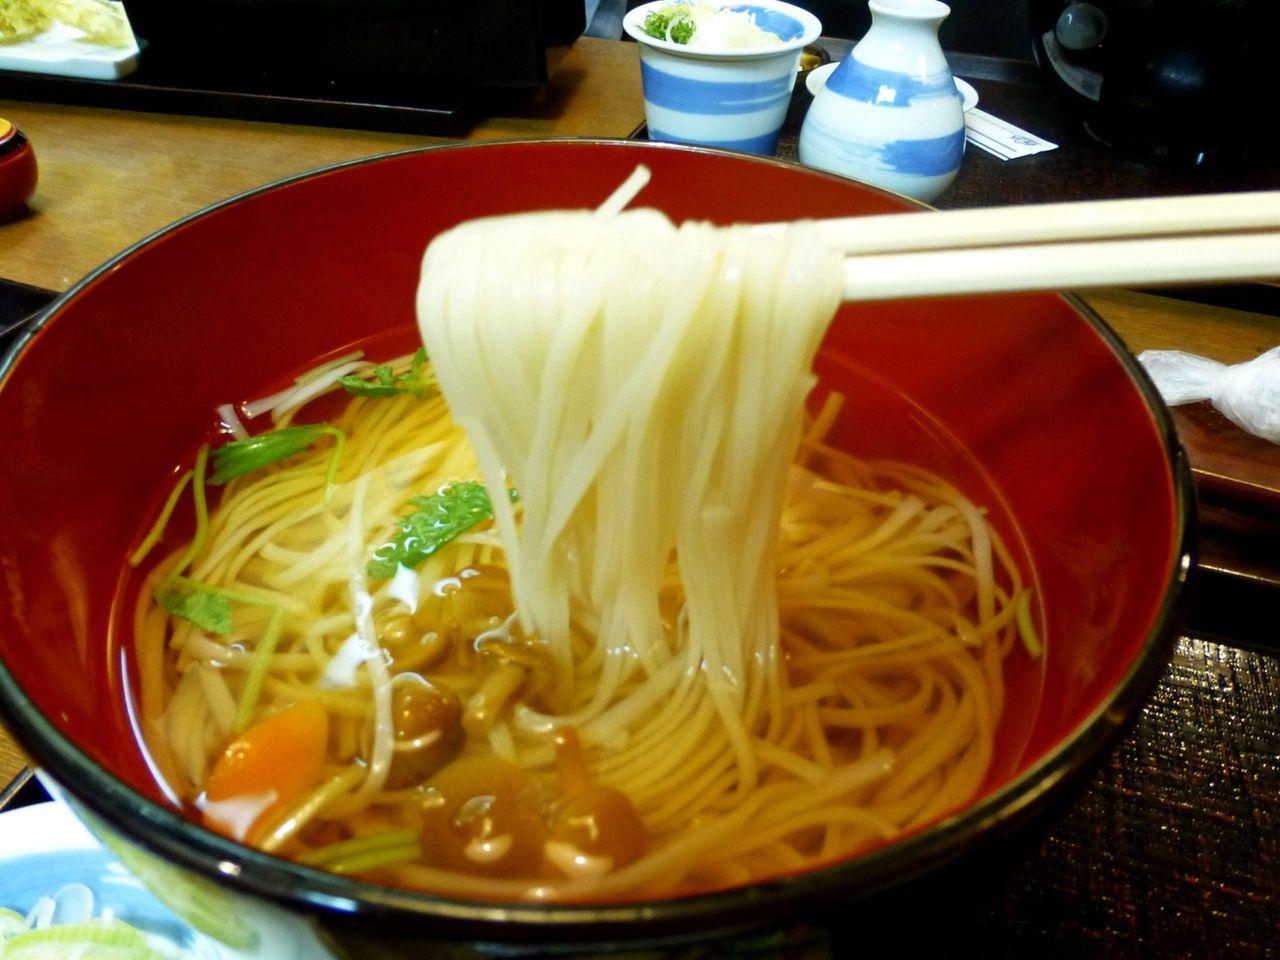 温麺のつゆは熱々で、ダシを効かせたアッサリ上品な味わい!